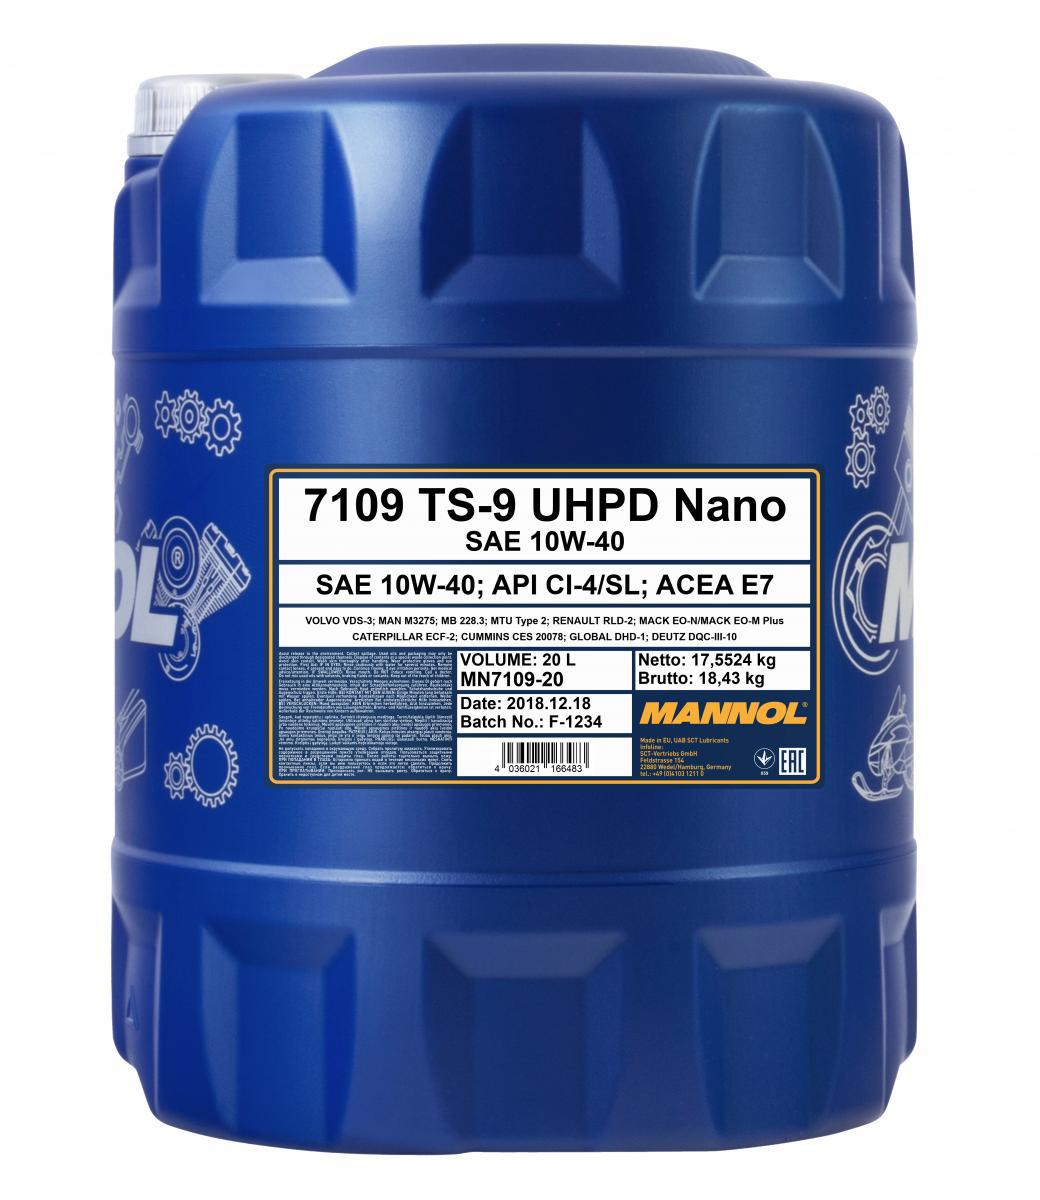 TS-9 UHPD Nano 10W-40